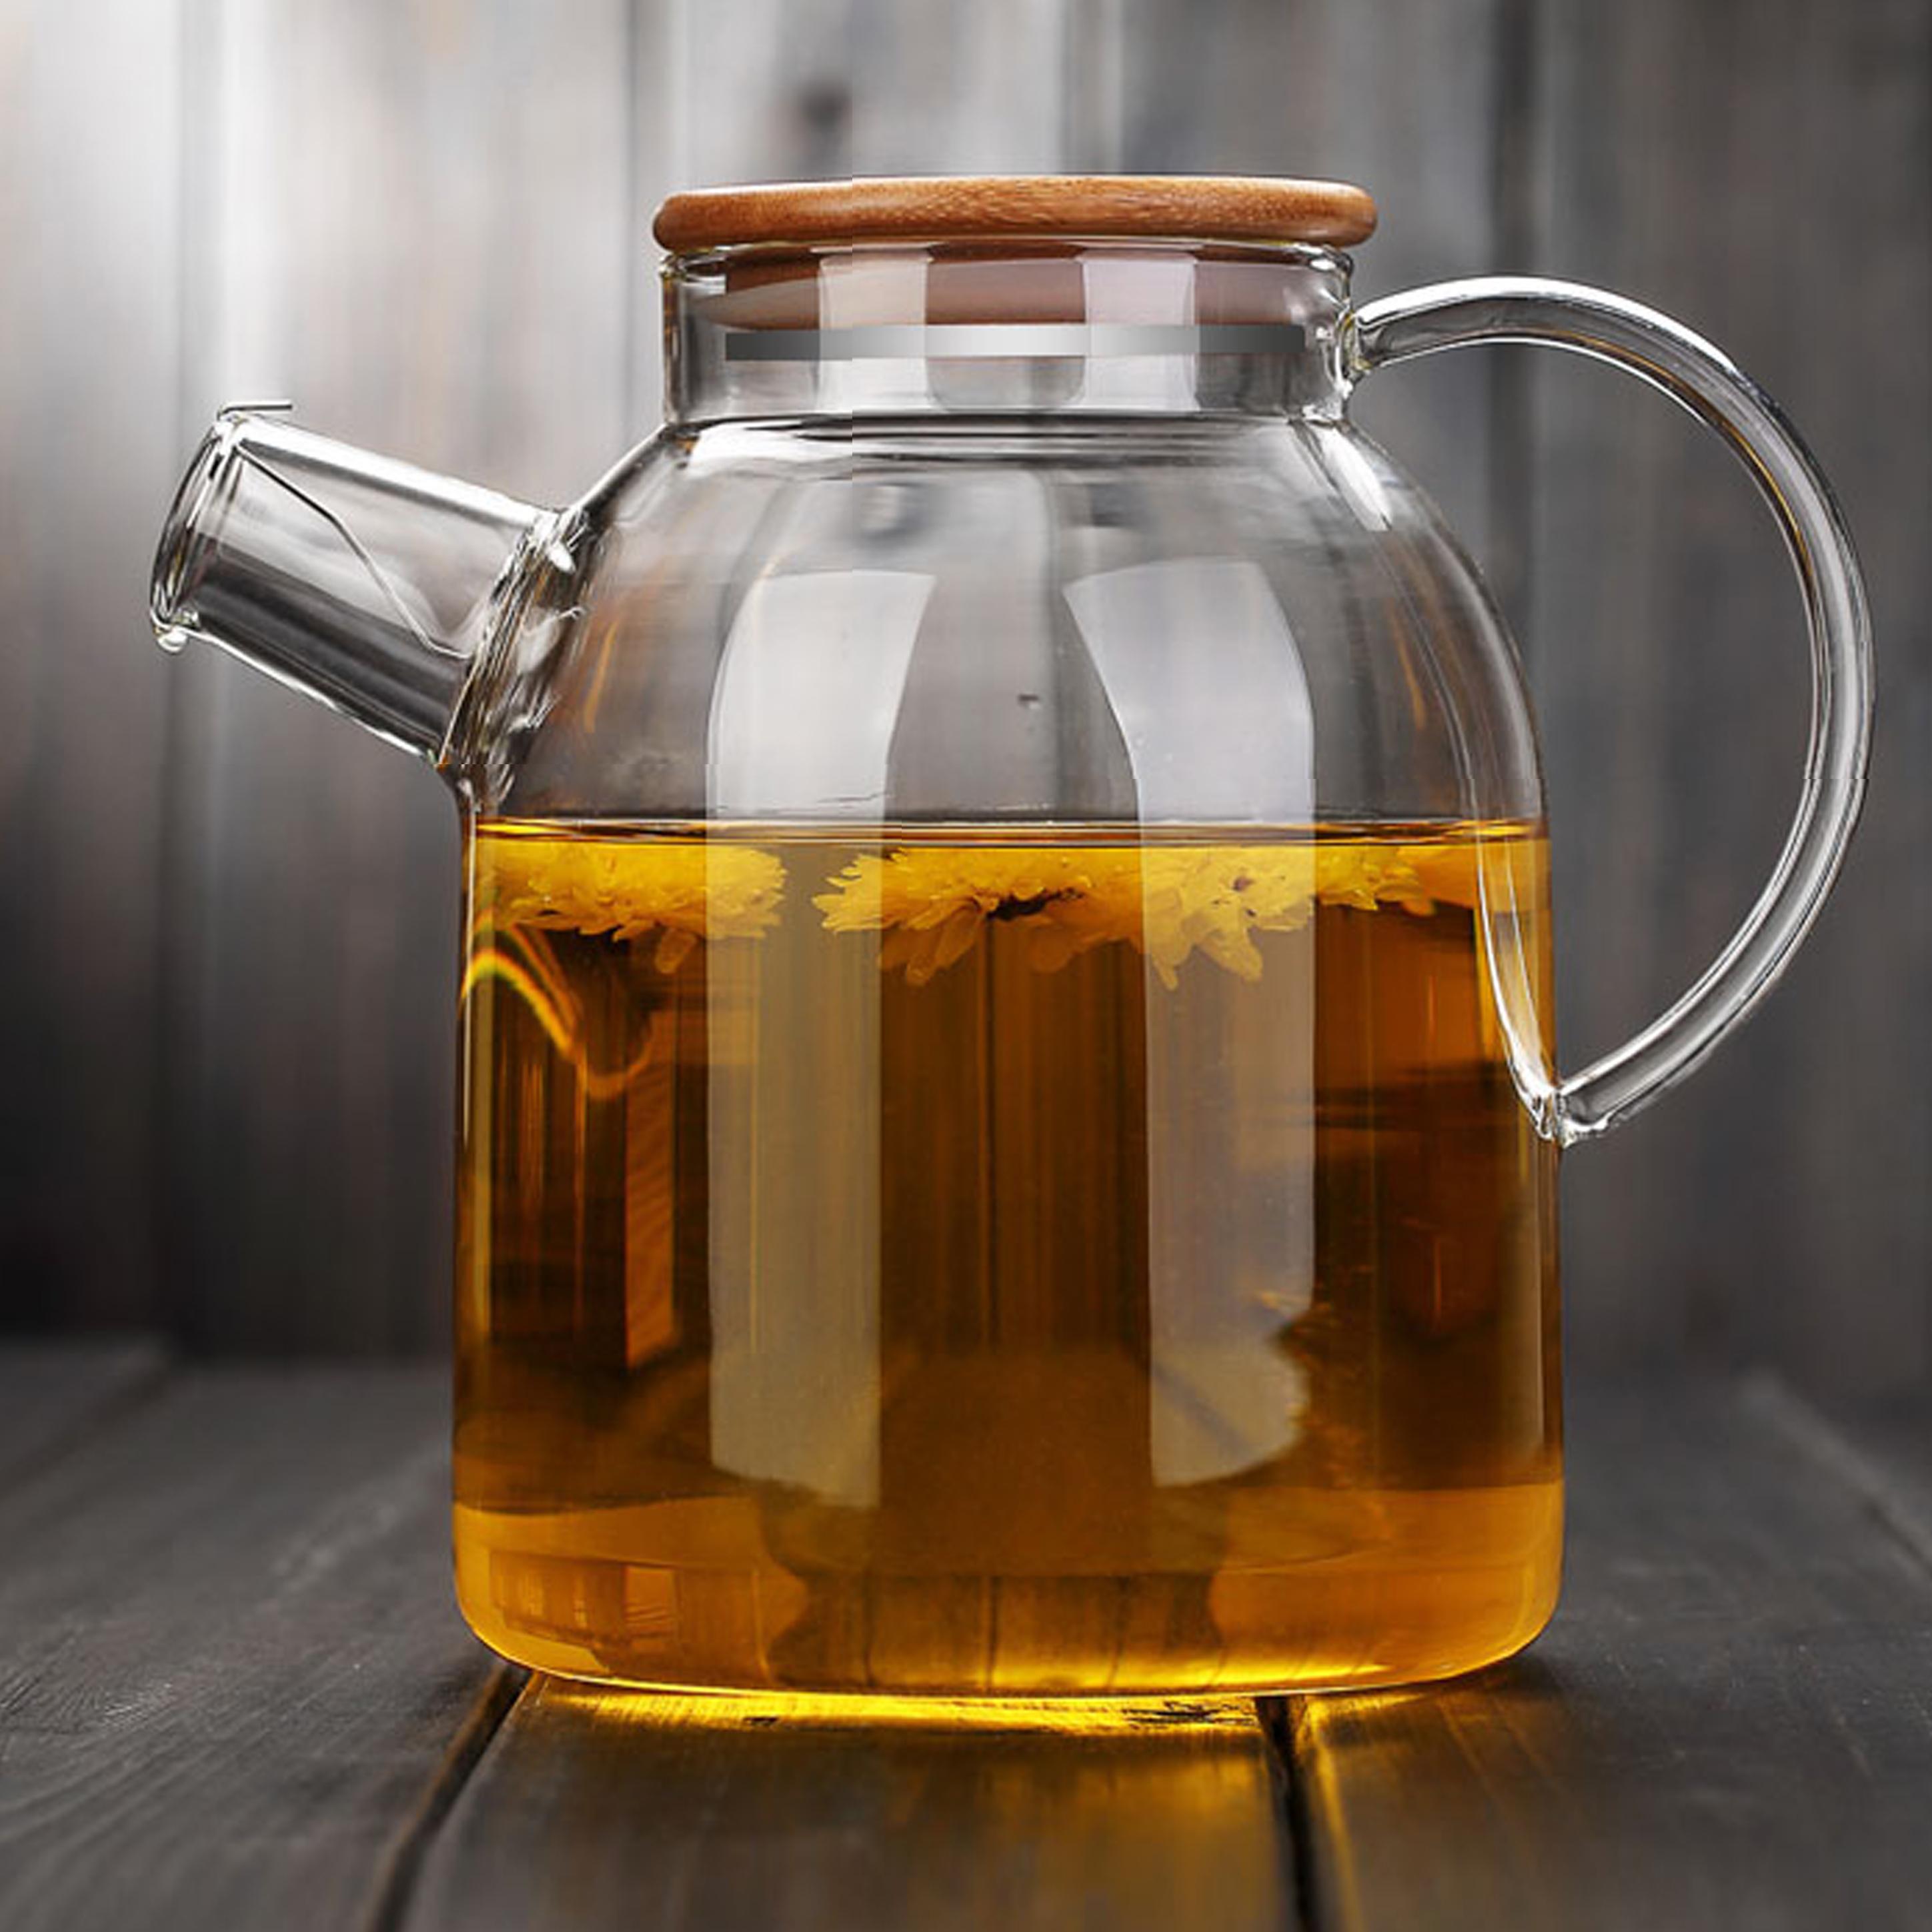 直火高硼矽 無鉛 家用 玻璃水壺冷水壺 果汁壺茶壺 開水壺熱水壺